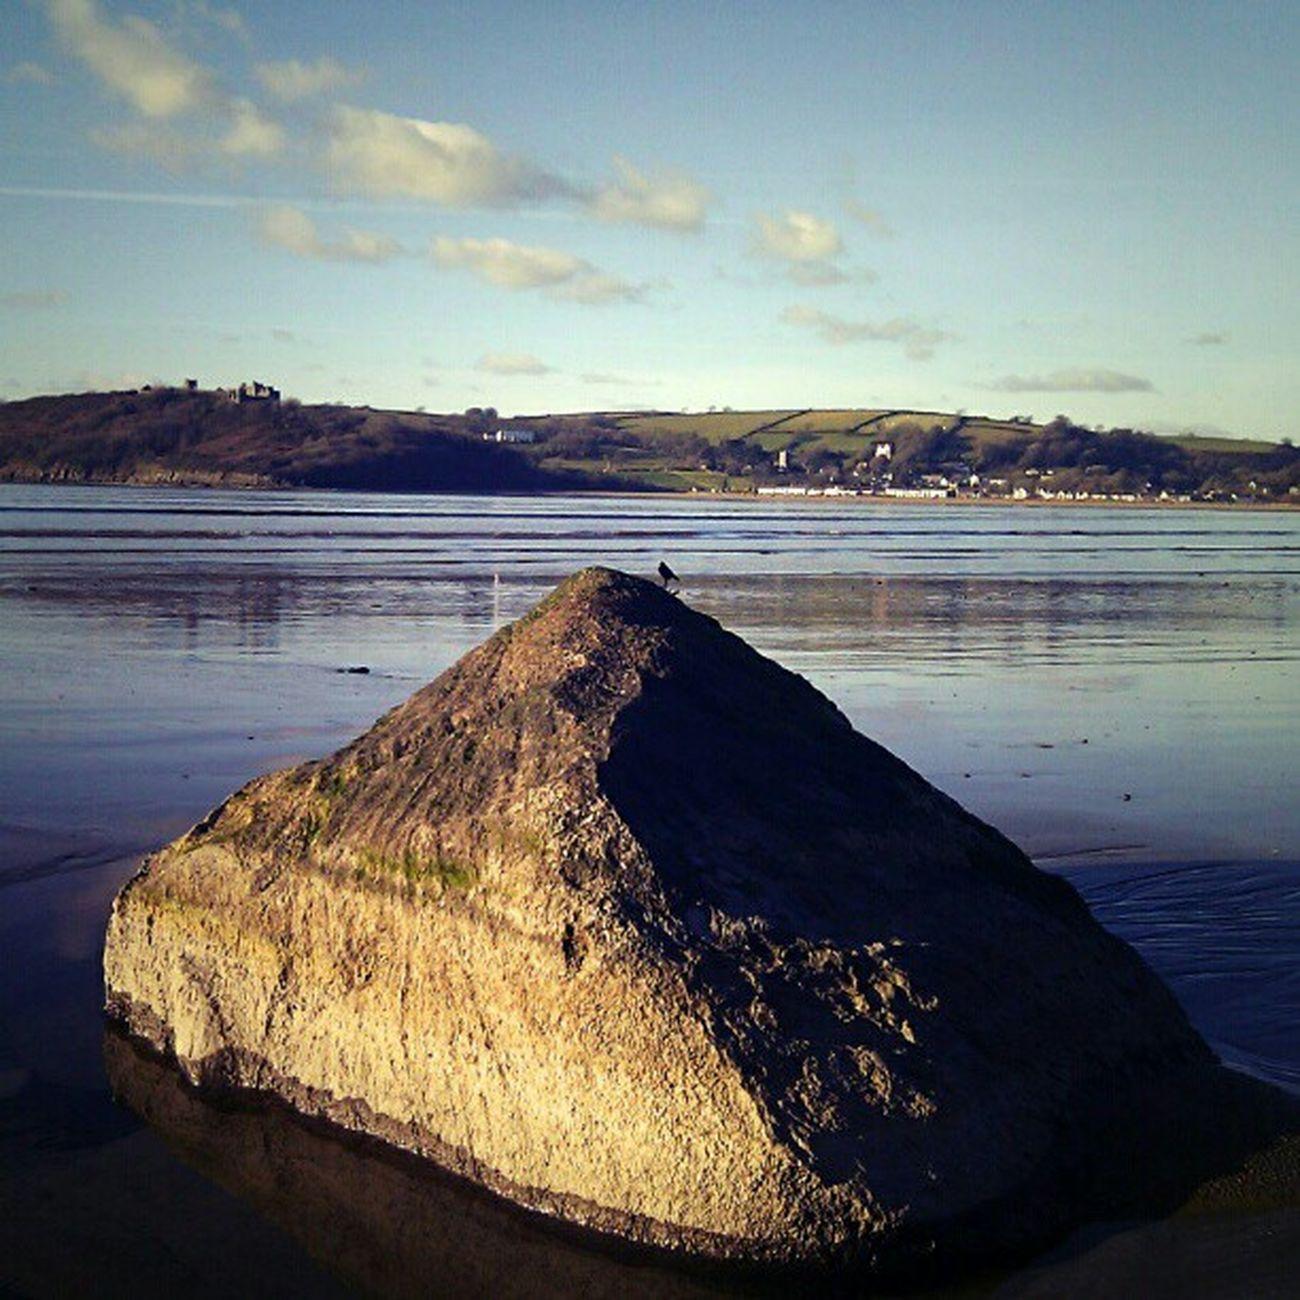 Wales Llansteffan Ferryside Beach Rock Phonography  Pickoftheday